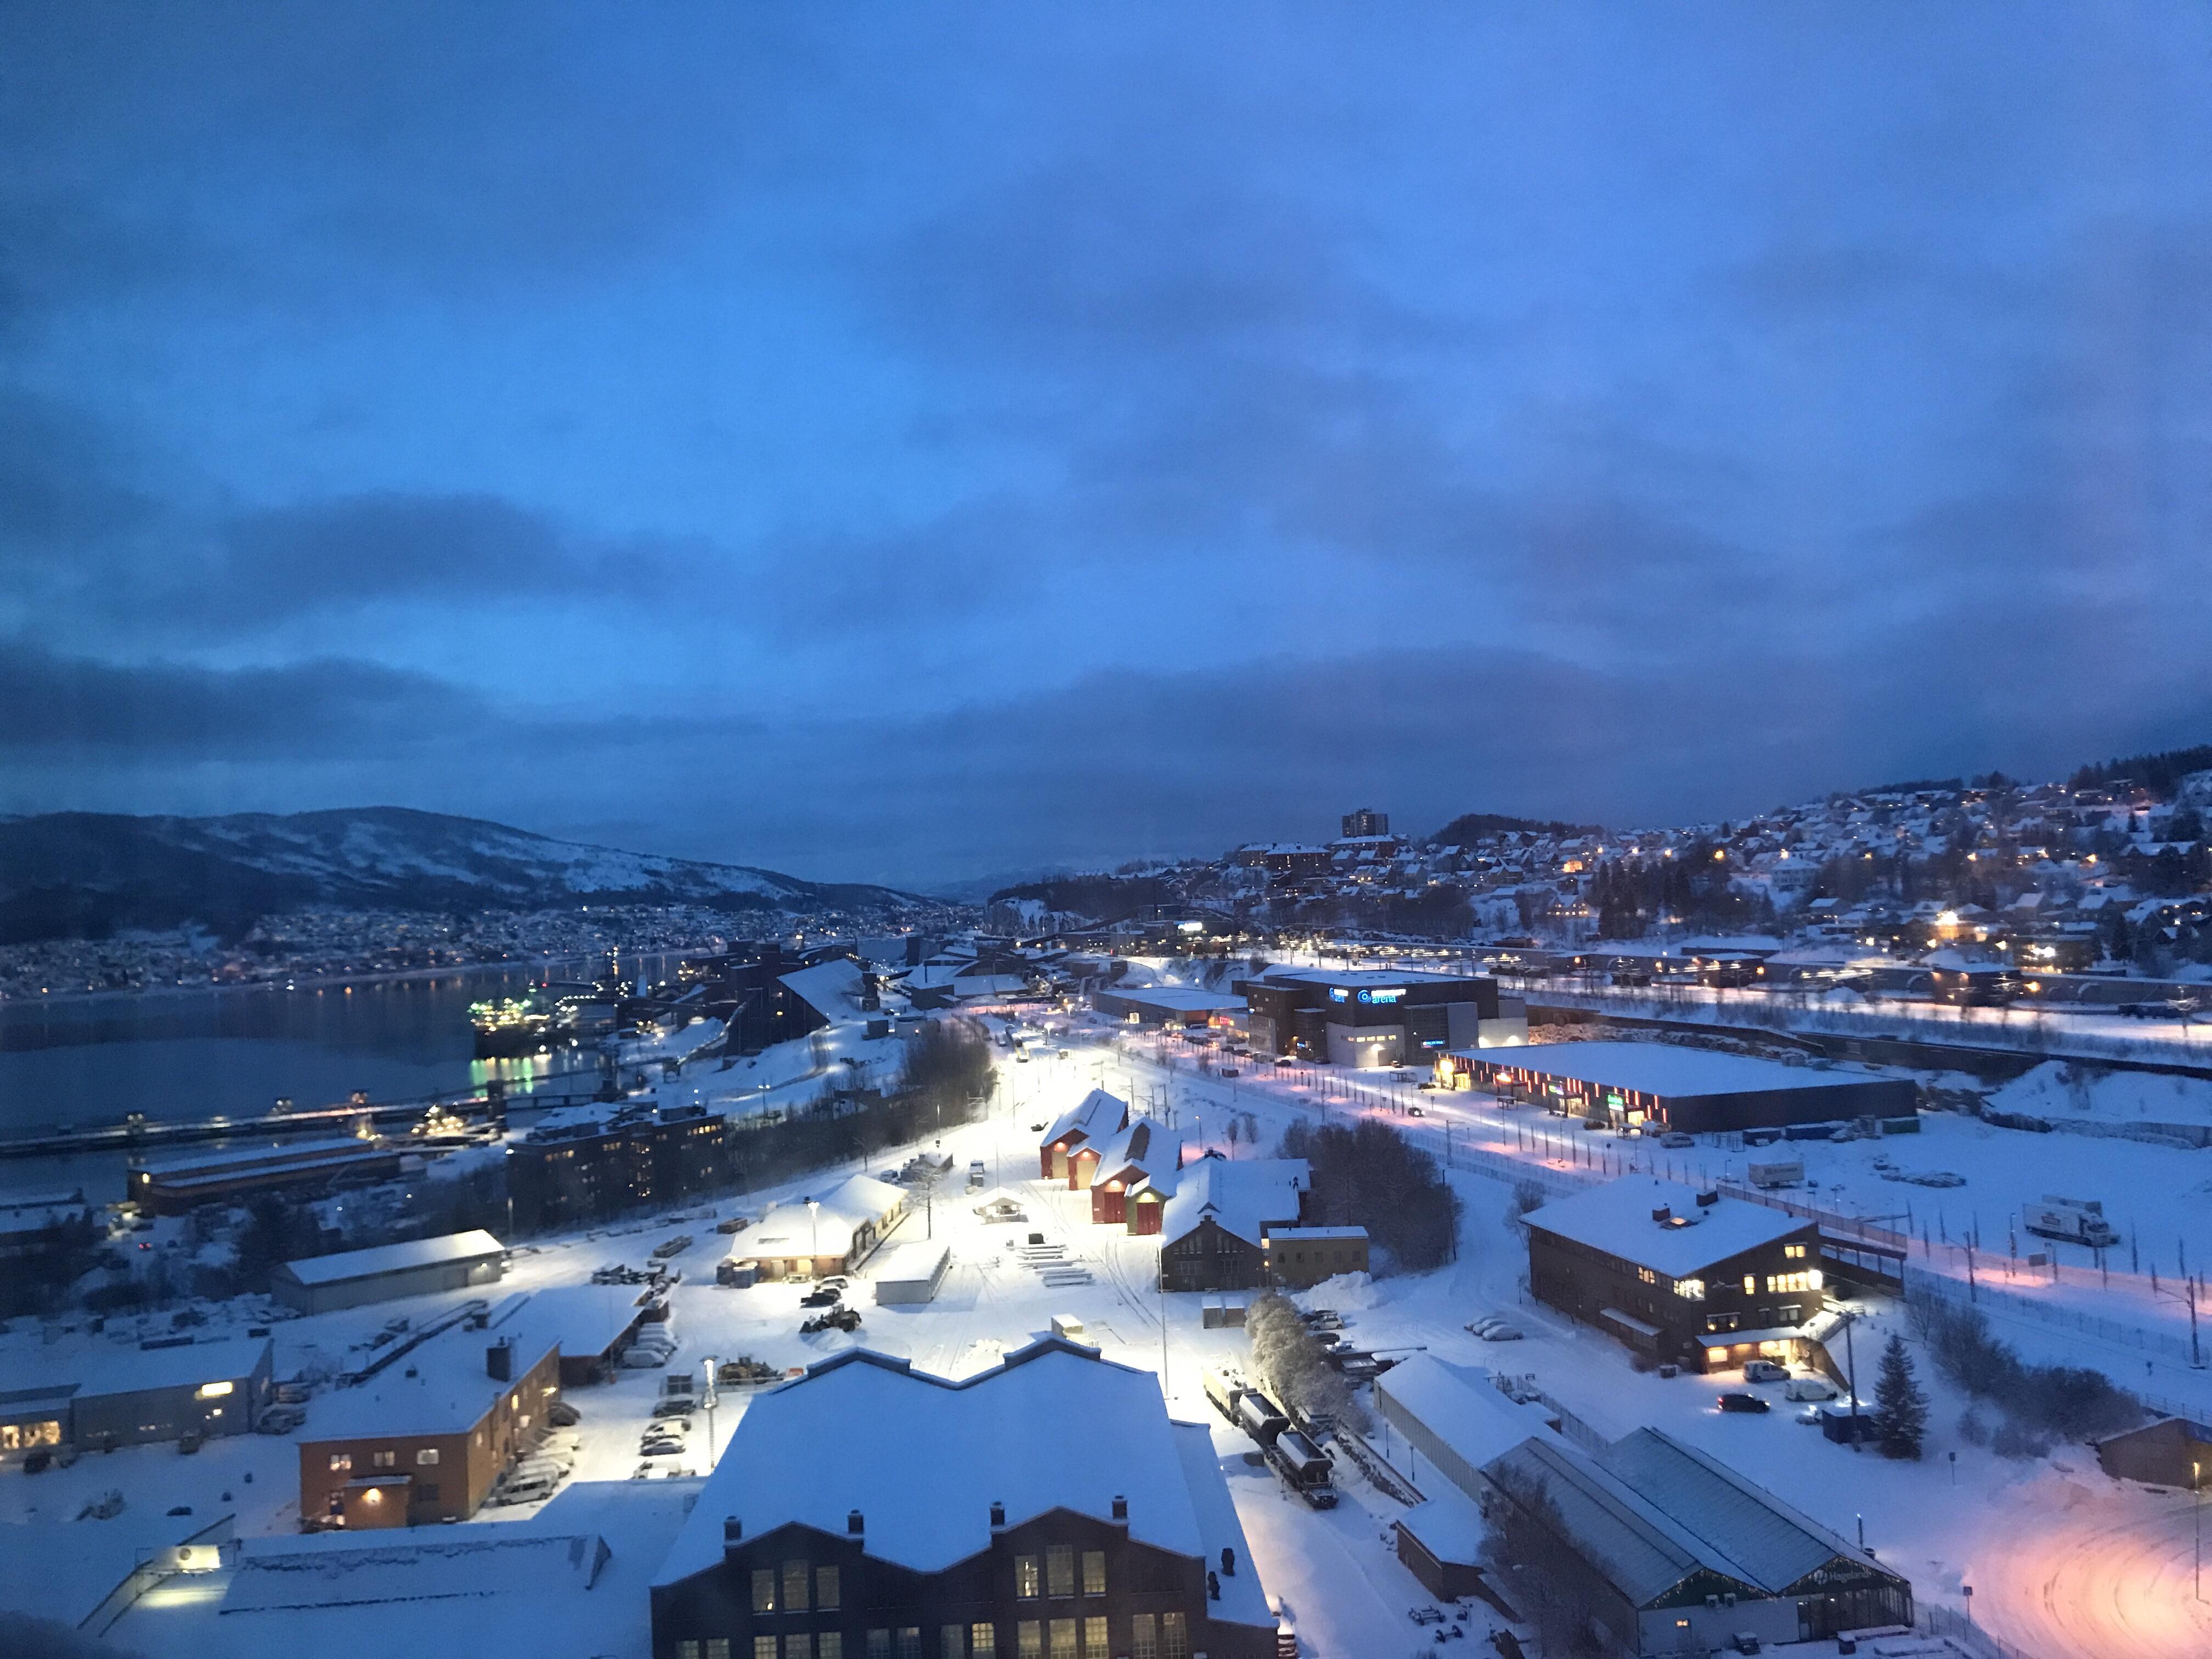 Det blåa ljuset i norr